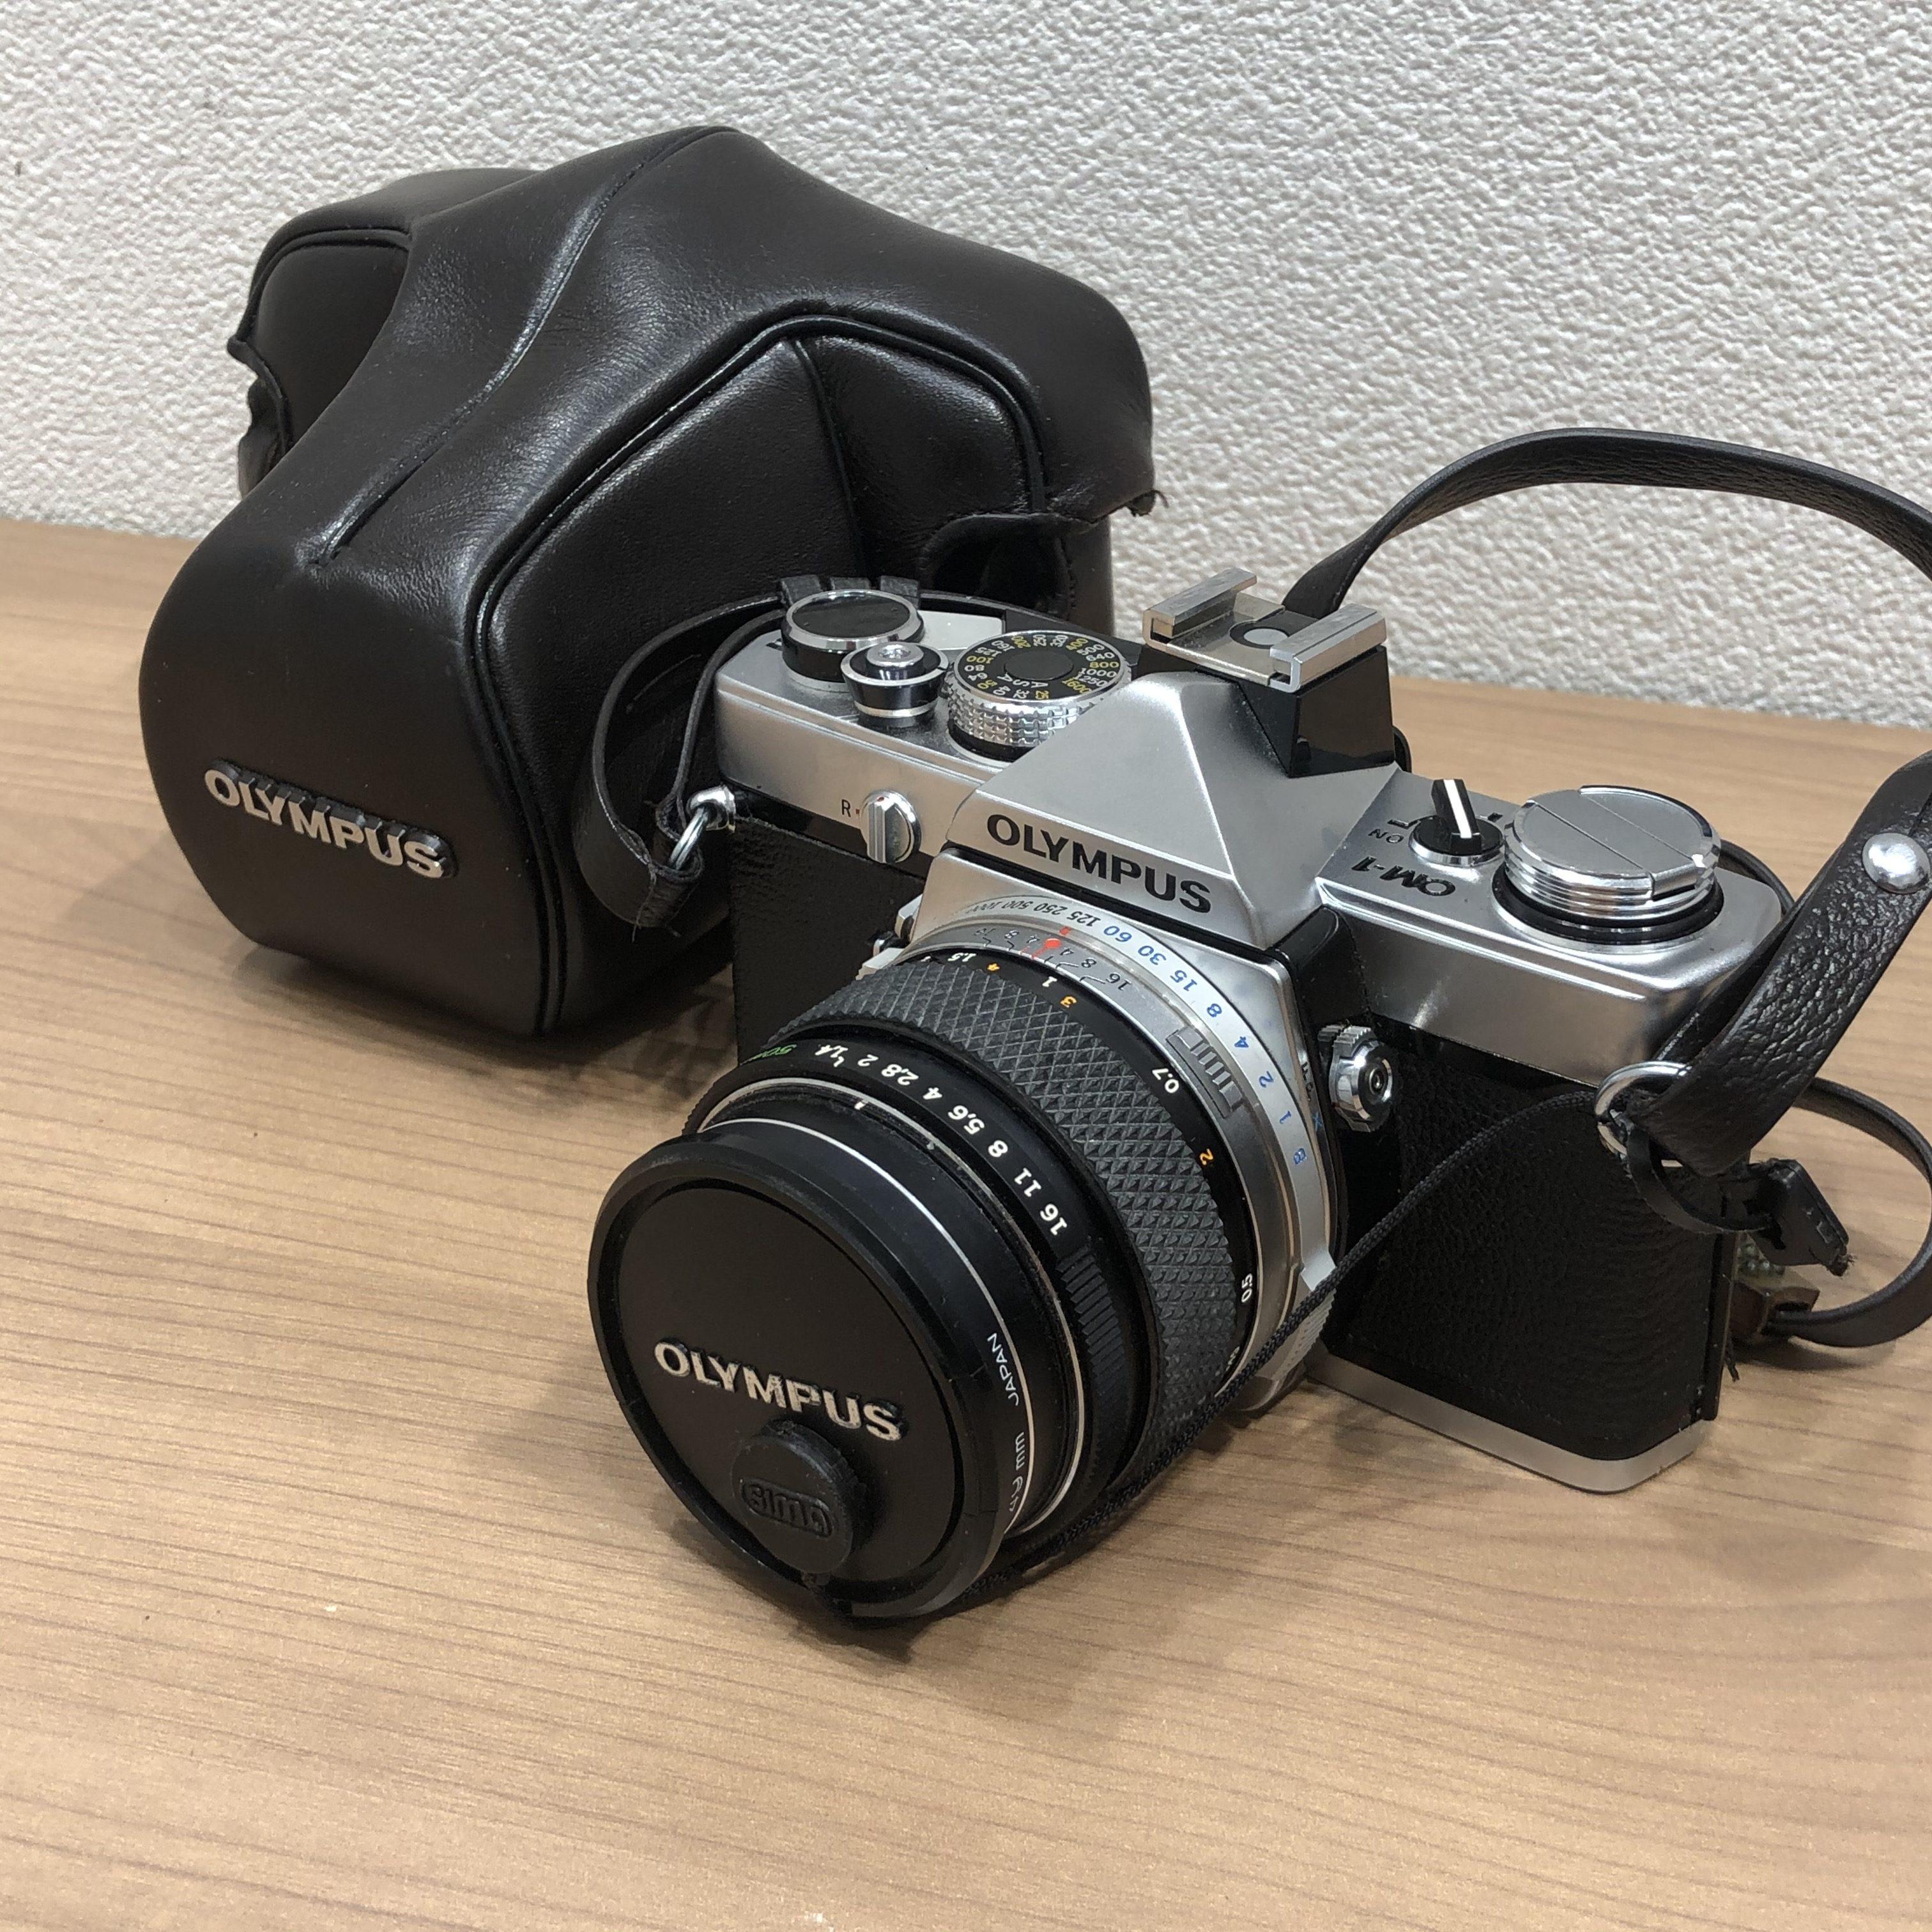 【OLYMPUS/オリンパス】OM-1 1:1.4 f=50mm 一眼レフフィルムカメラ